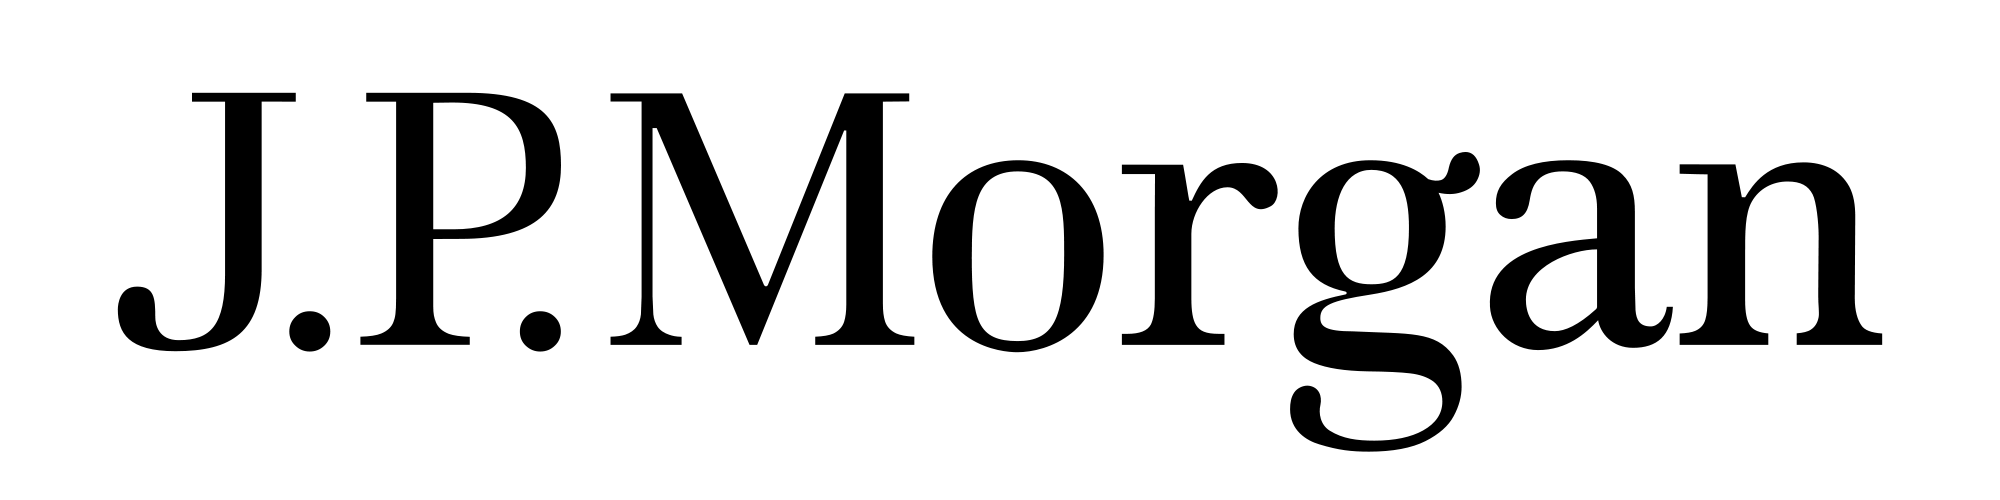 jp_morgan_logo.png